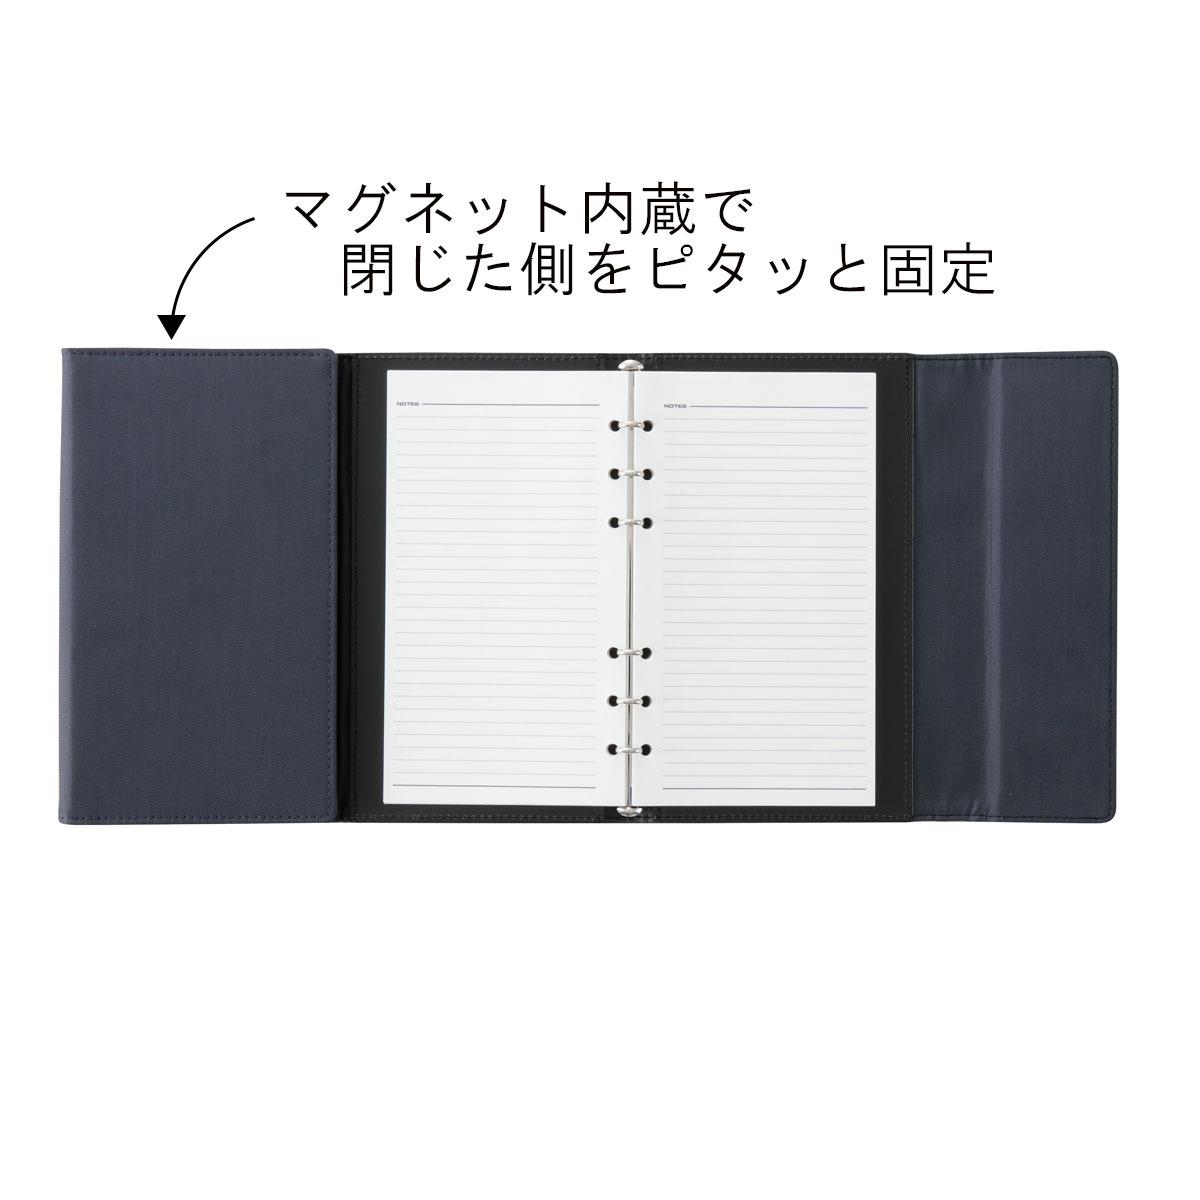 レイメイ藤井 キーワード デュアルリングバインダー 聖書サイズ(リング8+8mm)